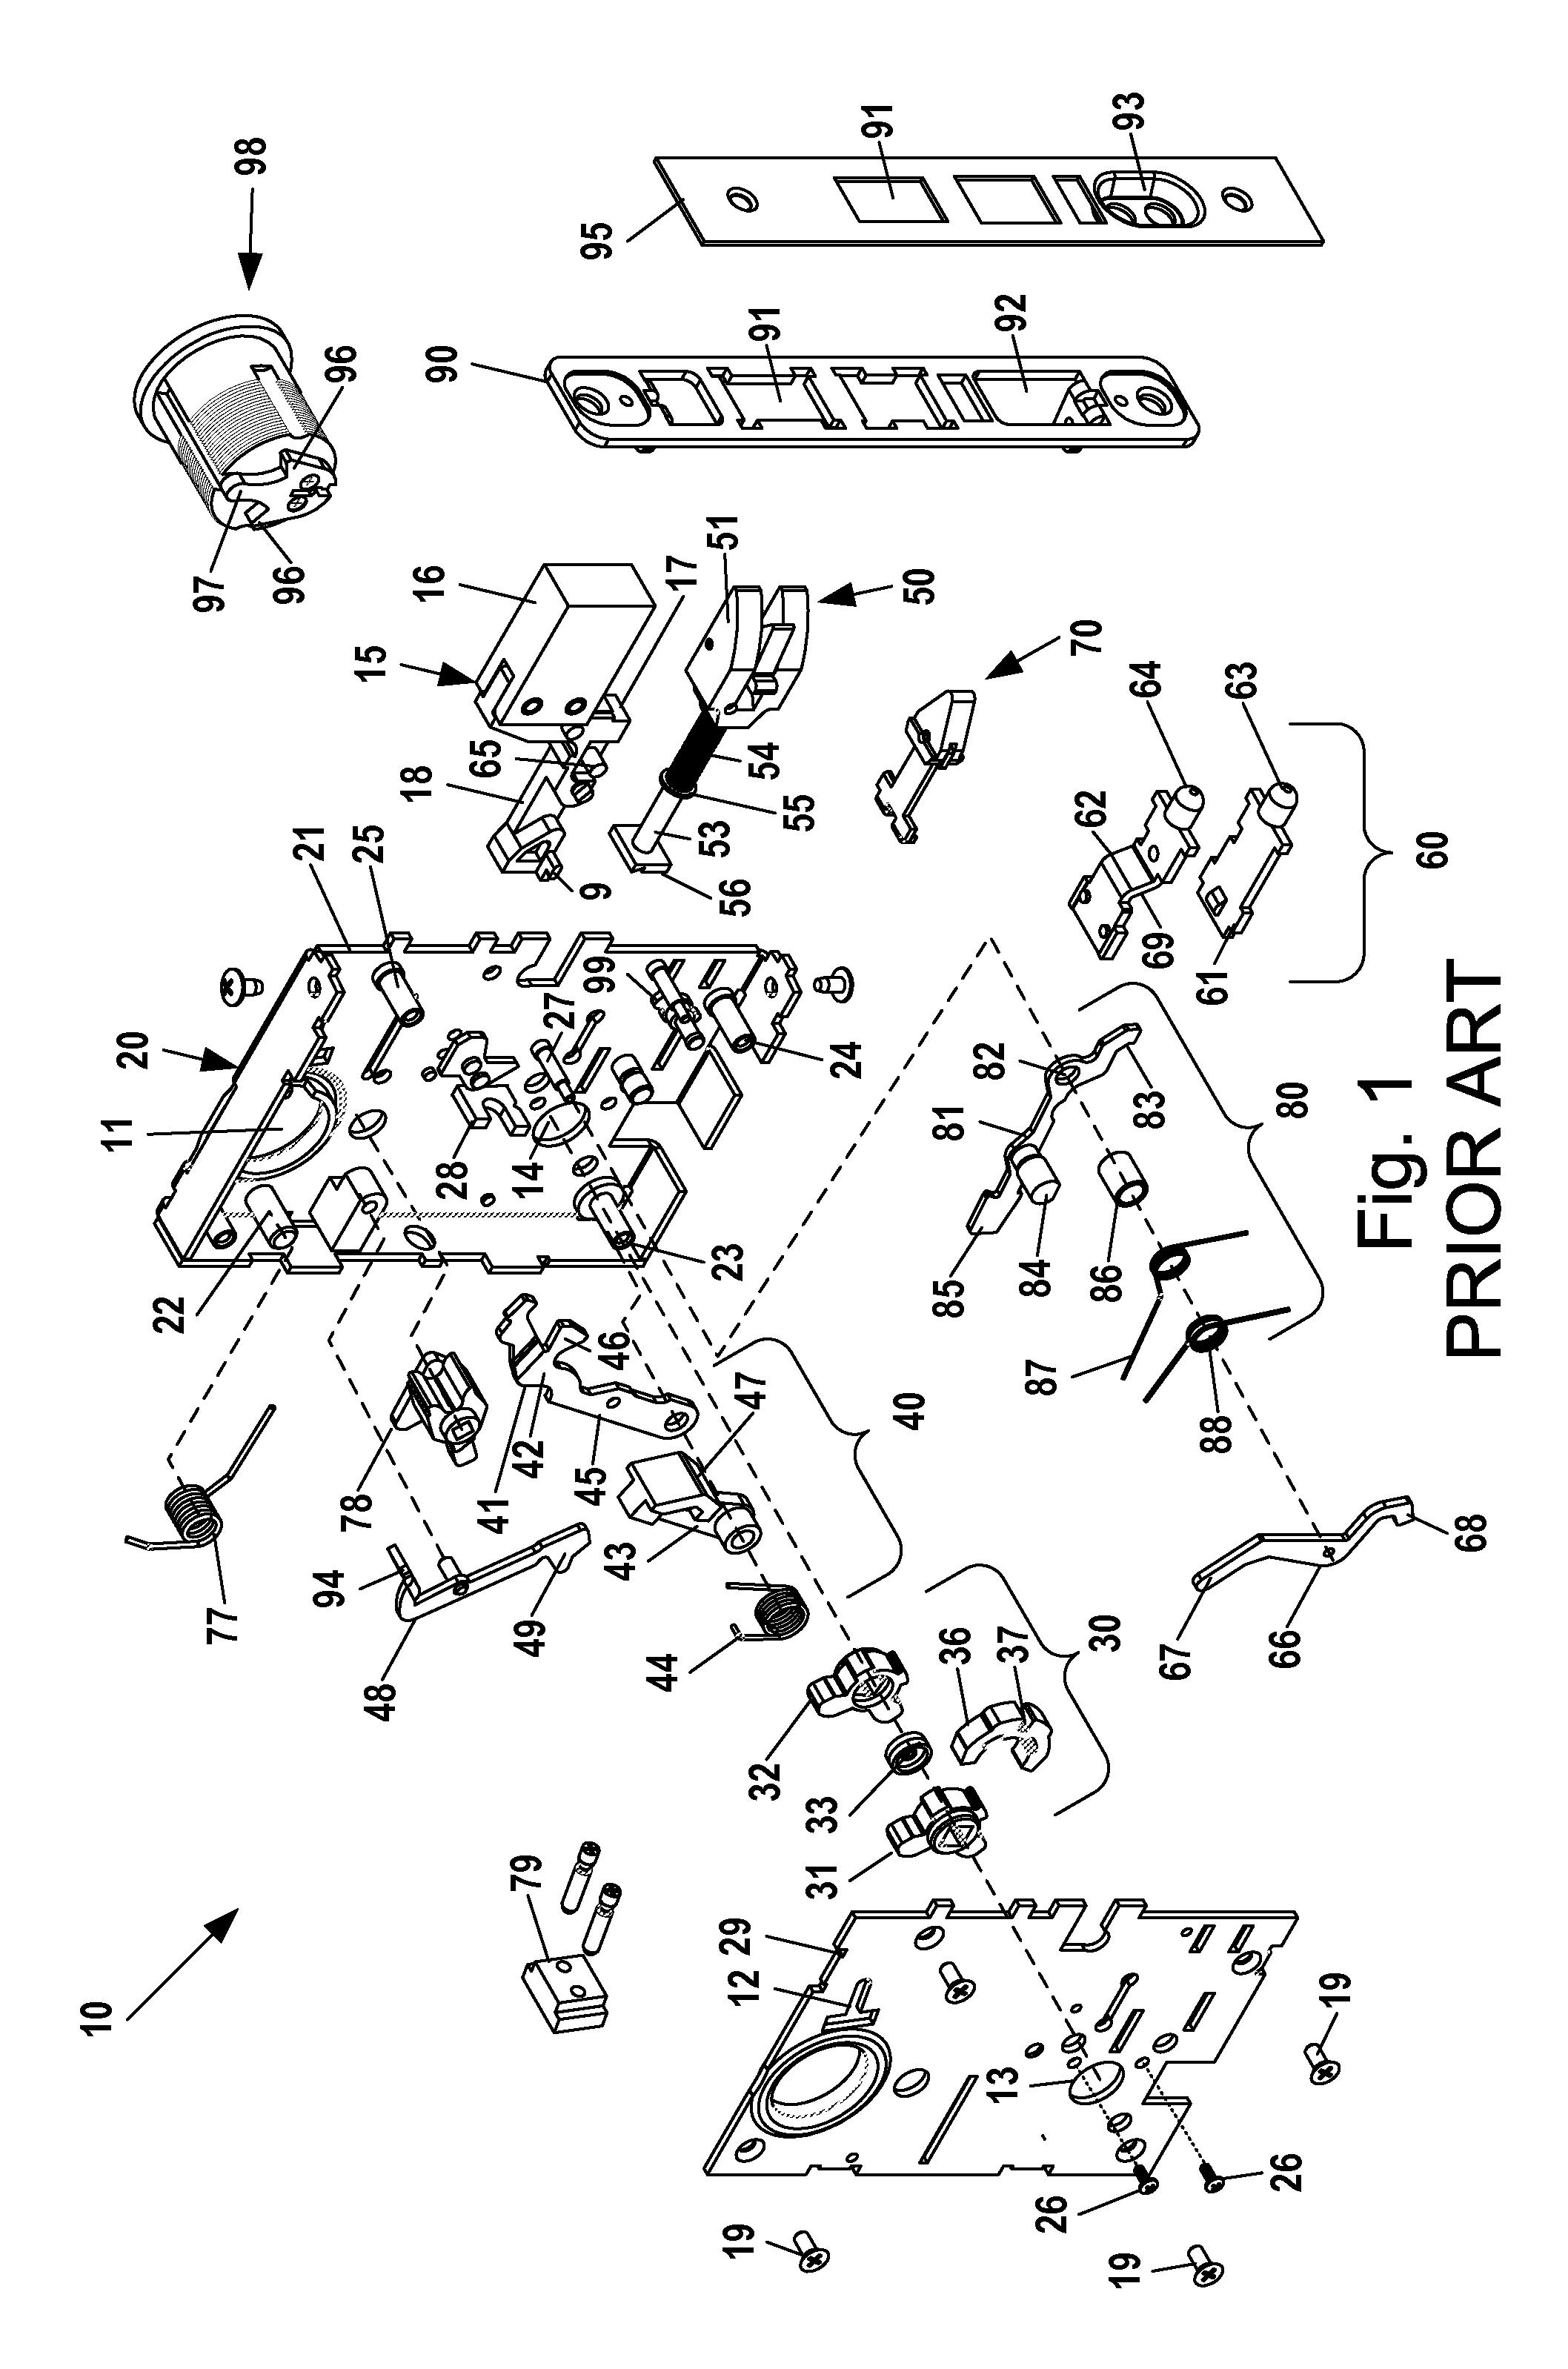 schlage mortise lock parts breakdown